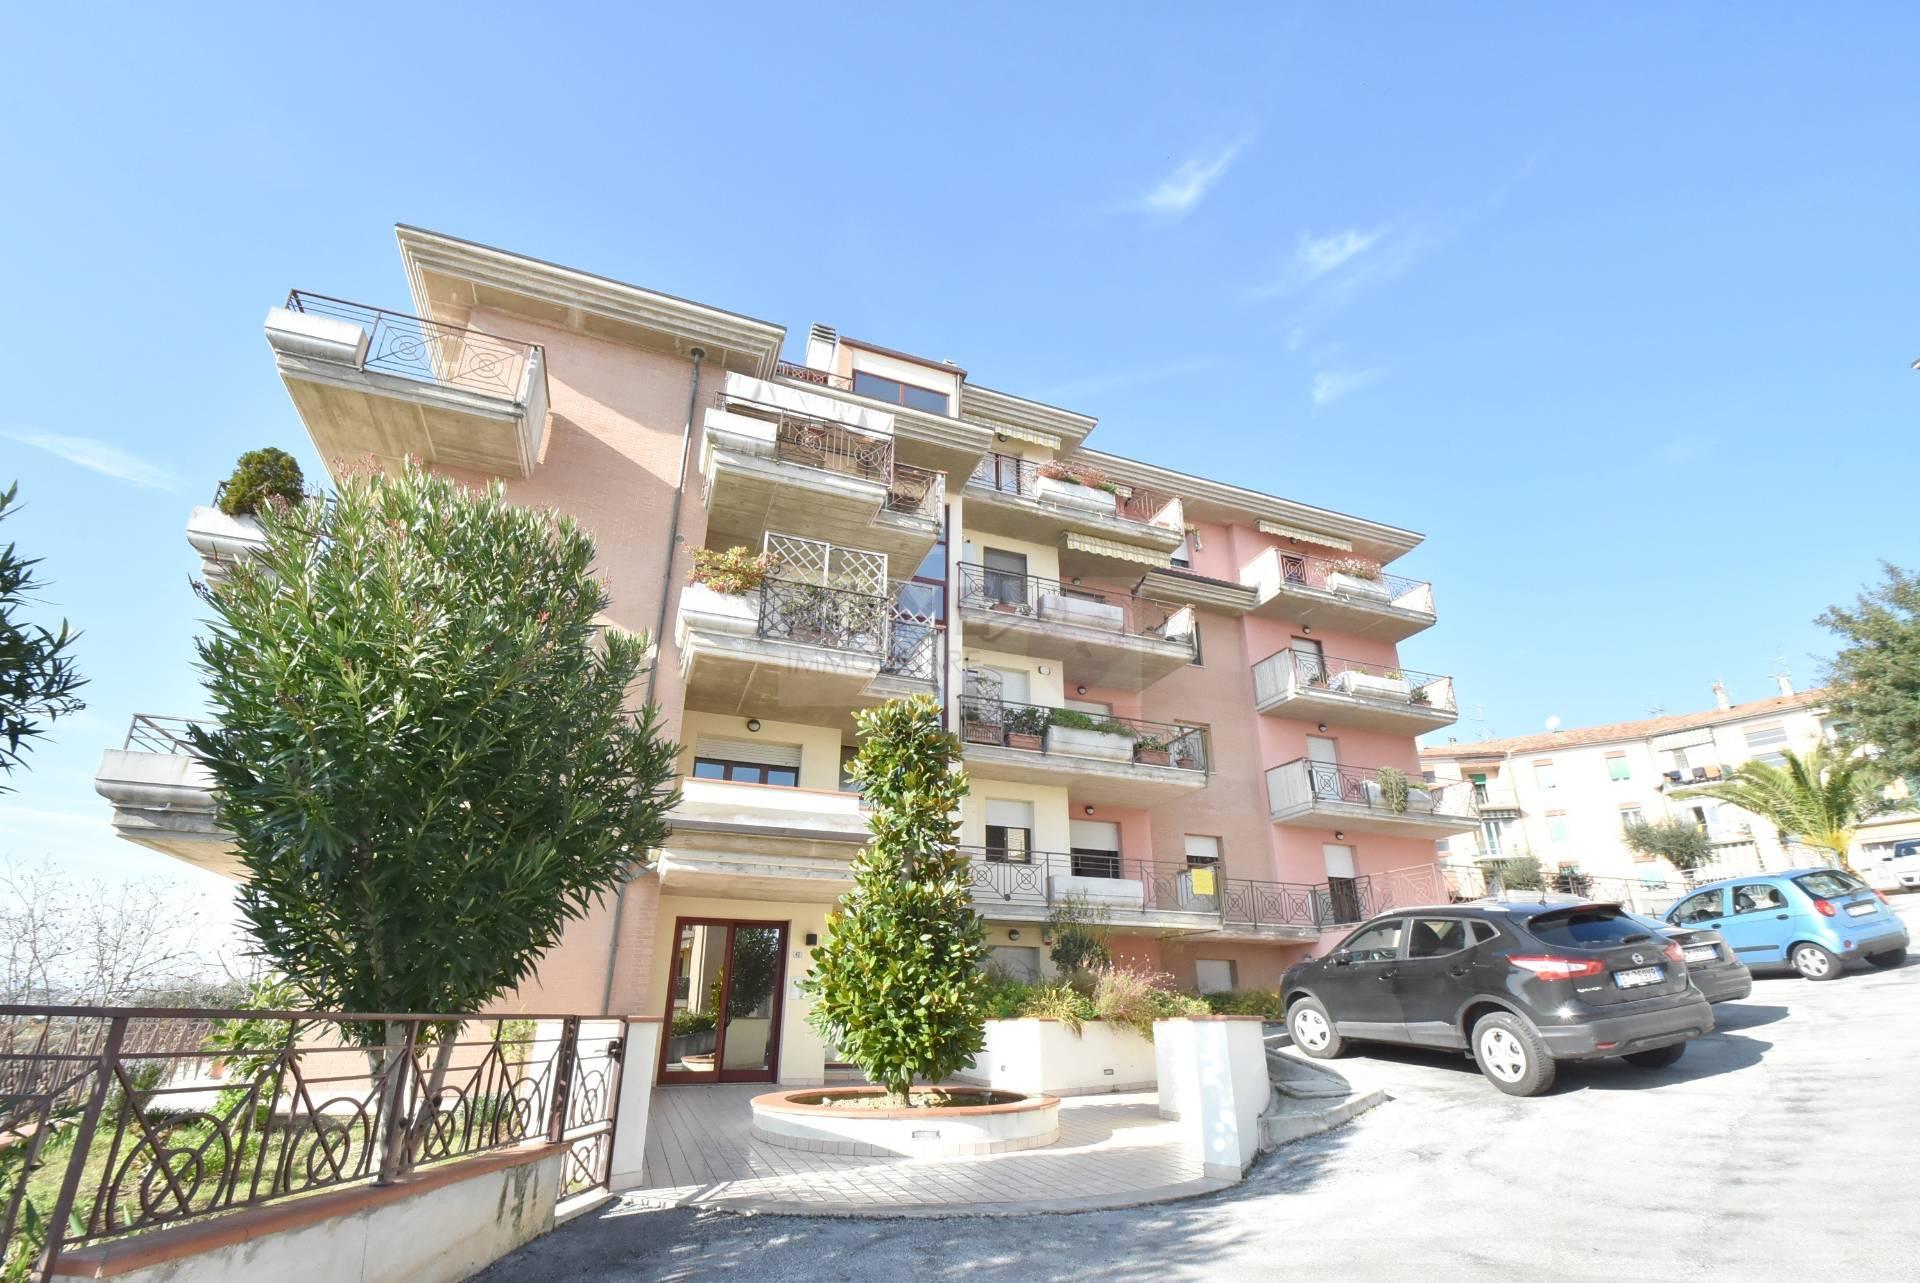 Appartamento in vendita a Macerata, 6 locali, zona Località: ZonaVergini, prezzo € 210.000 | CambioCasa.it